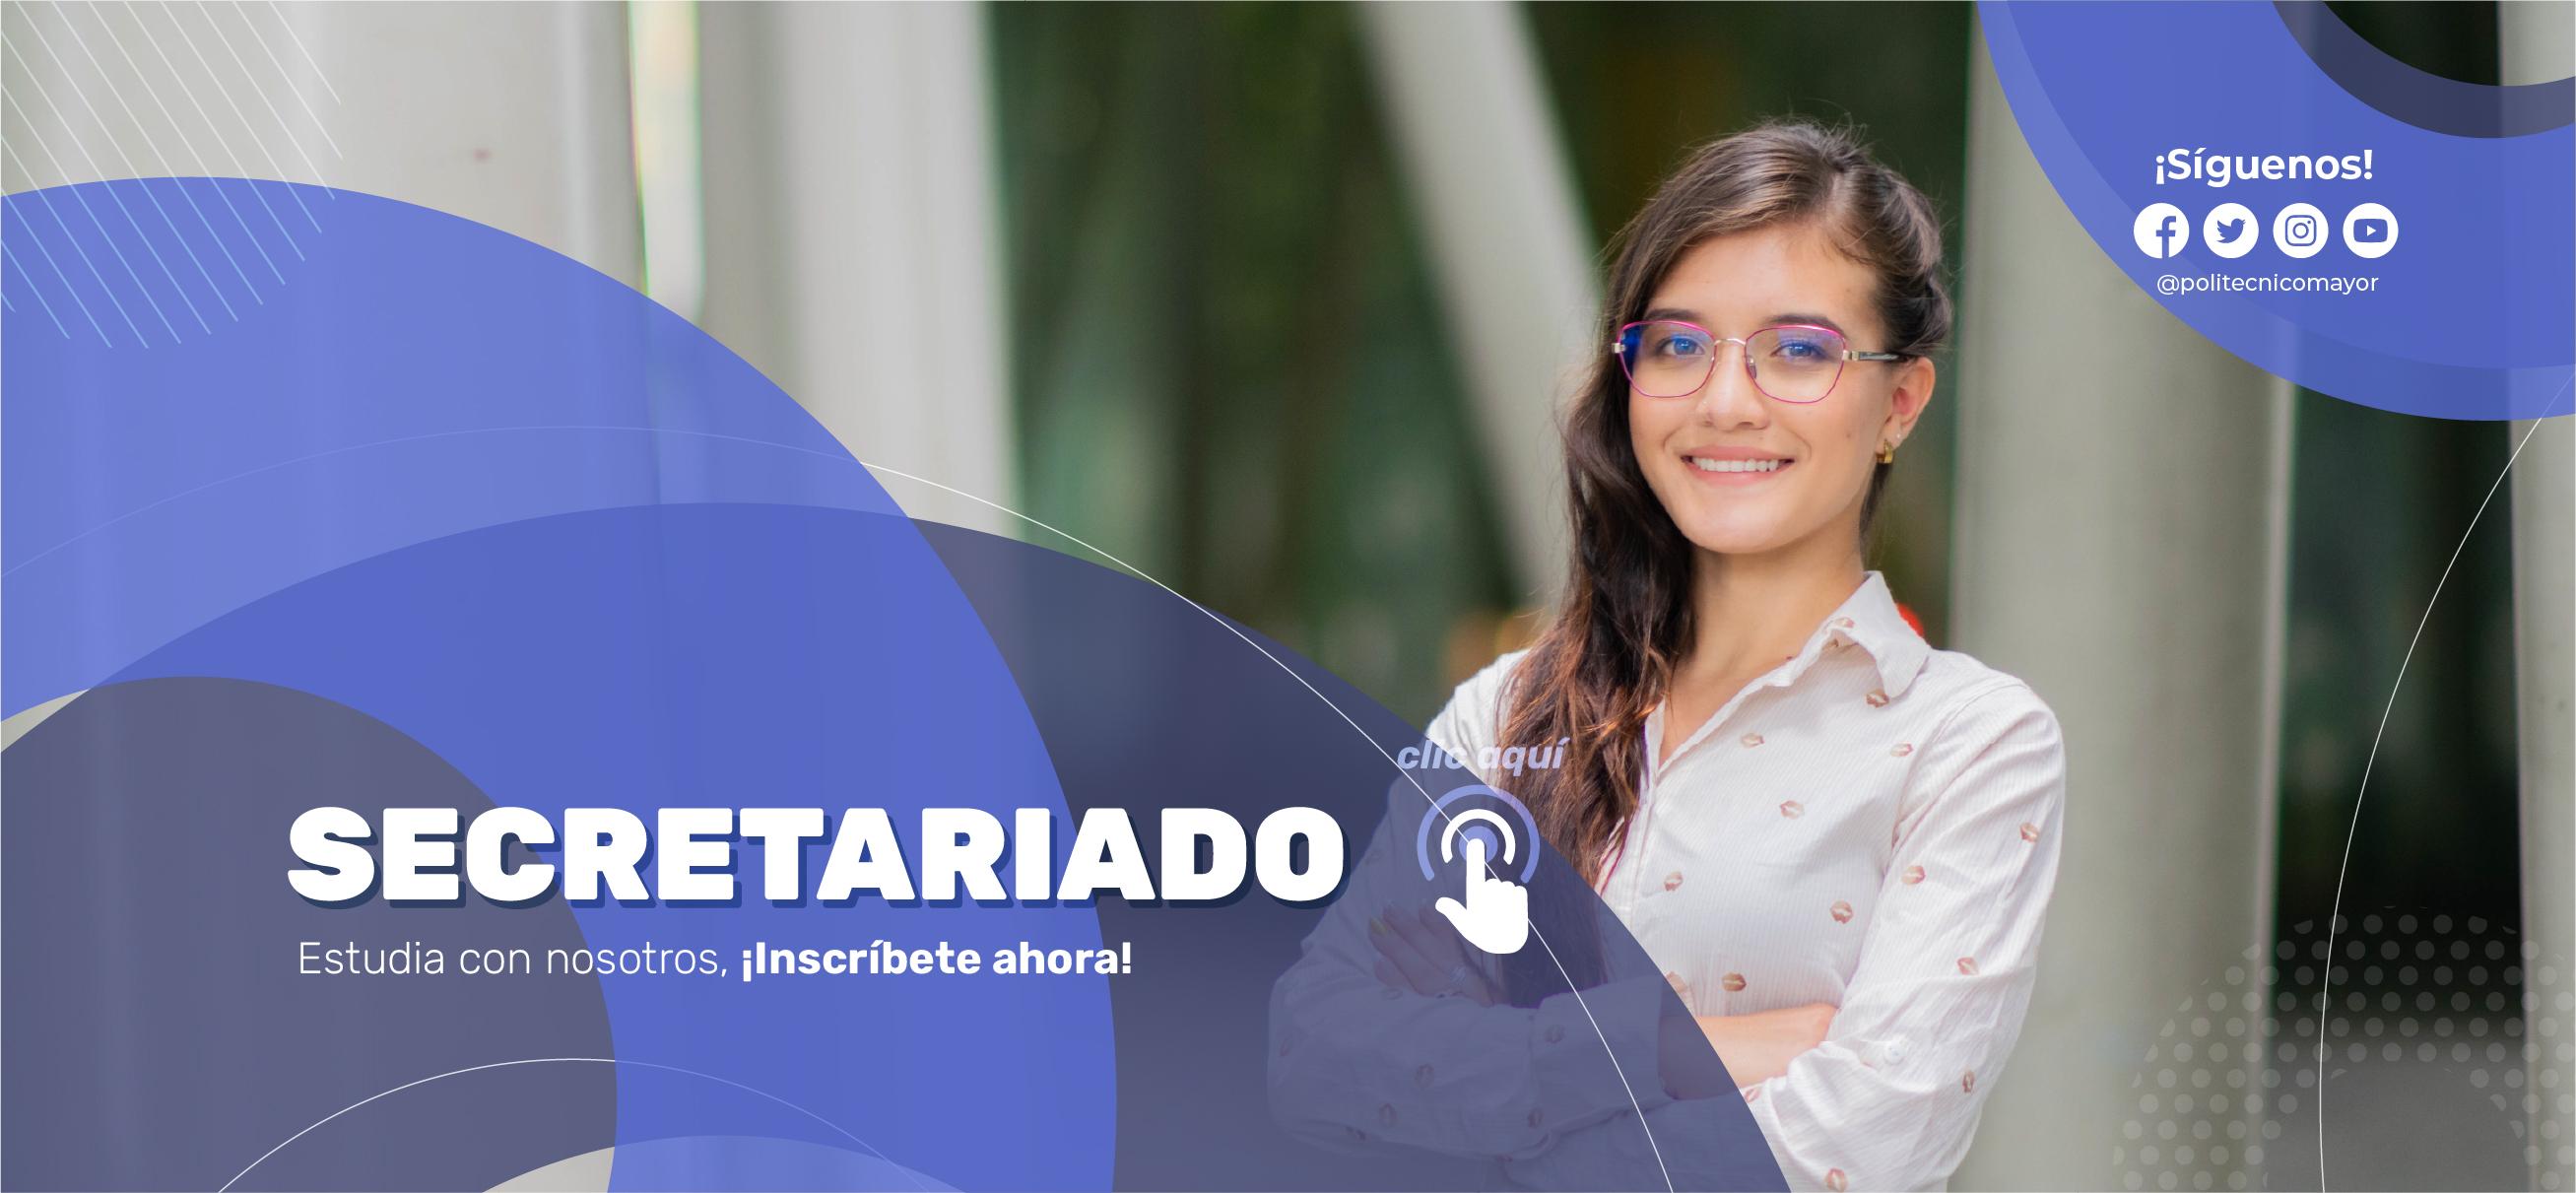 Secretariado_2021